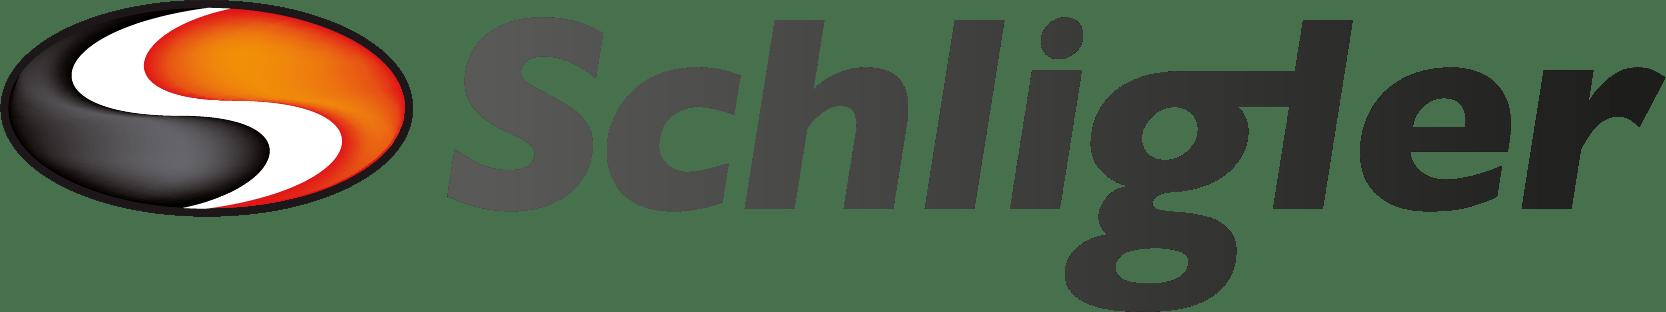 logotype de l'entreprise Schligler basée à valentigney